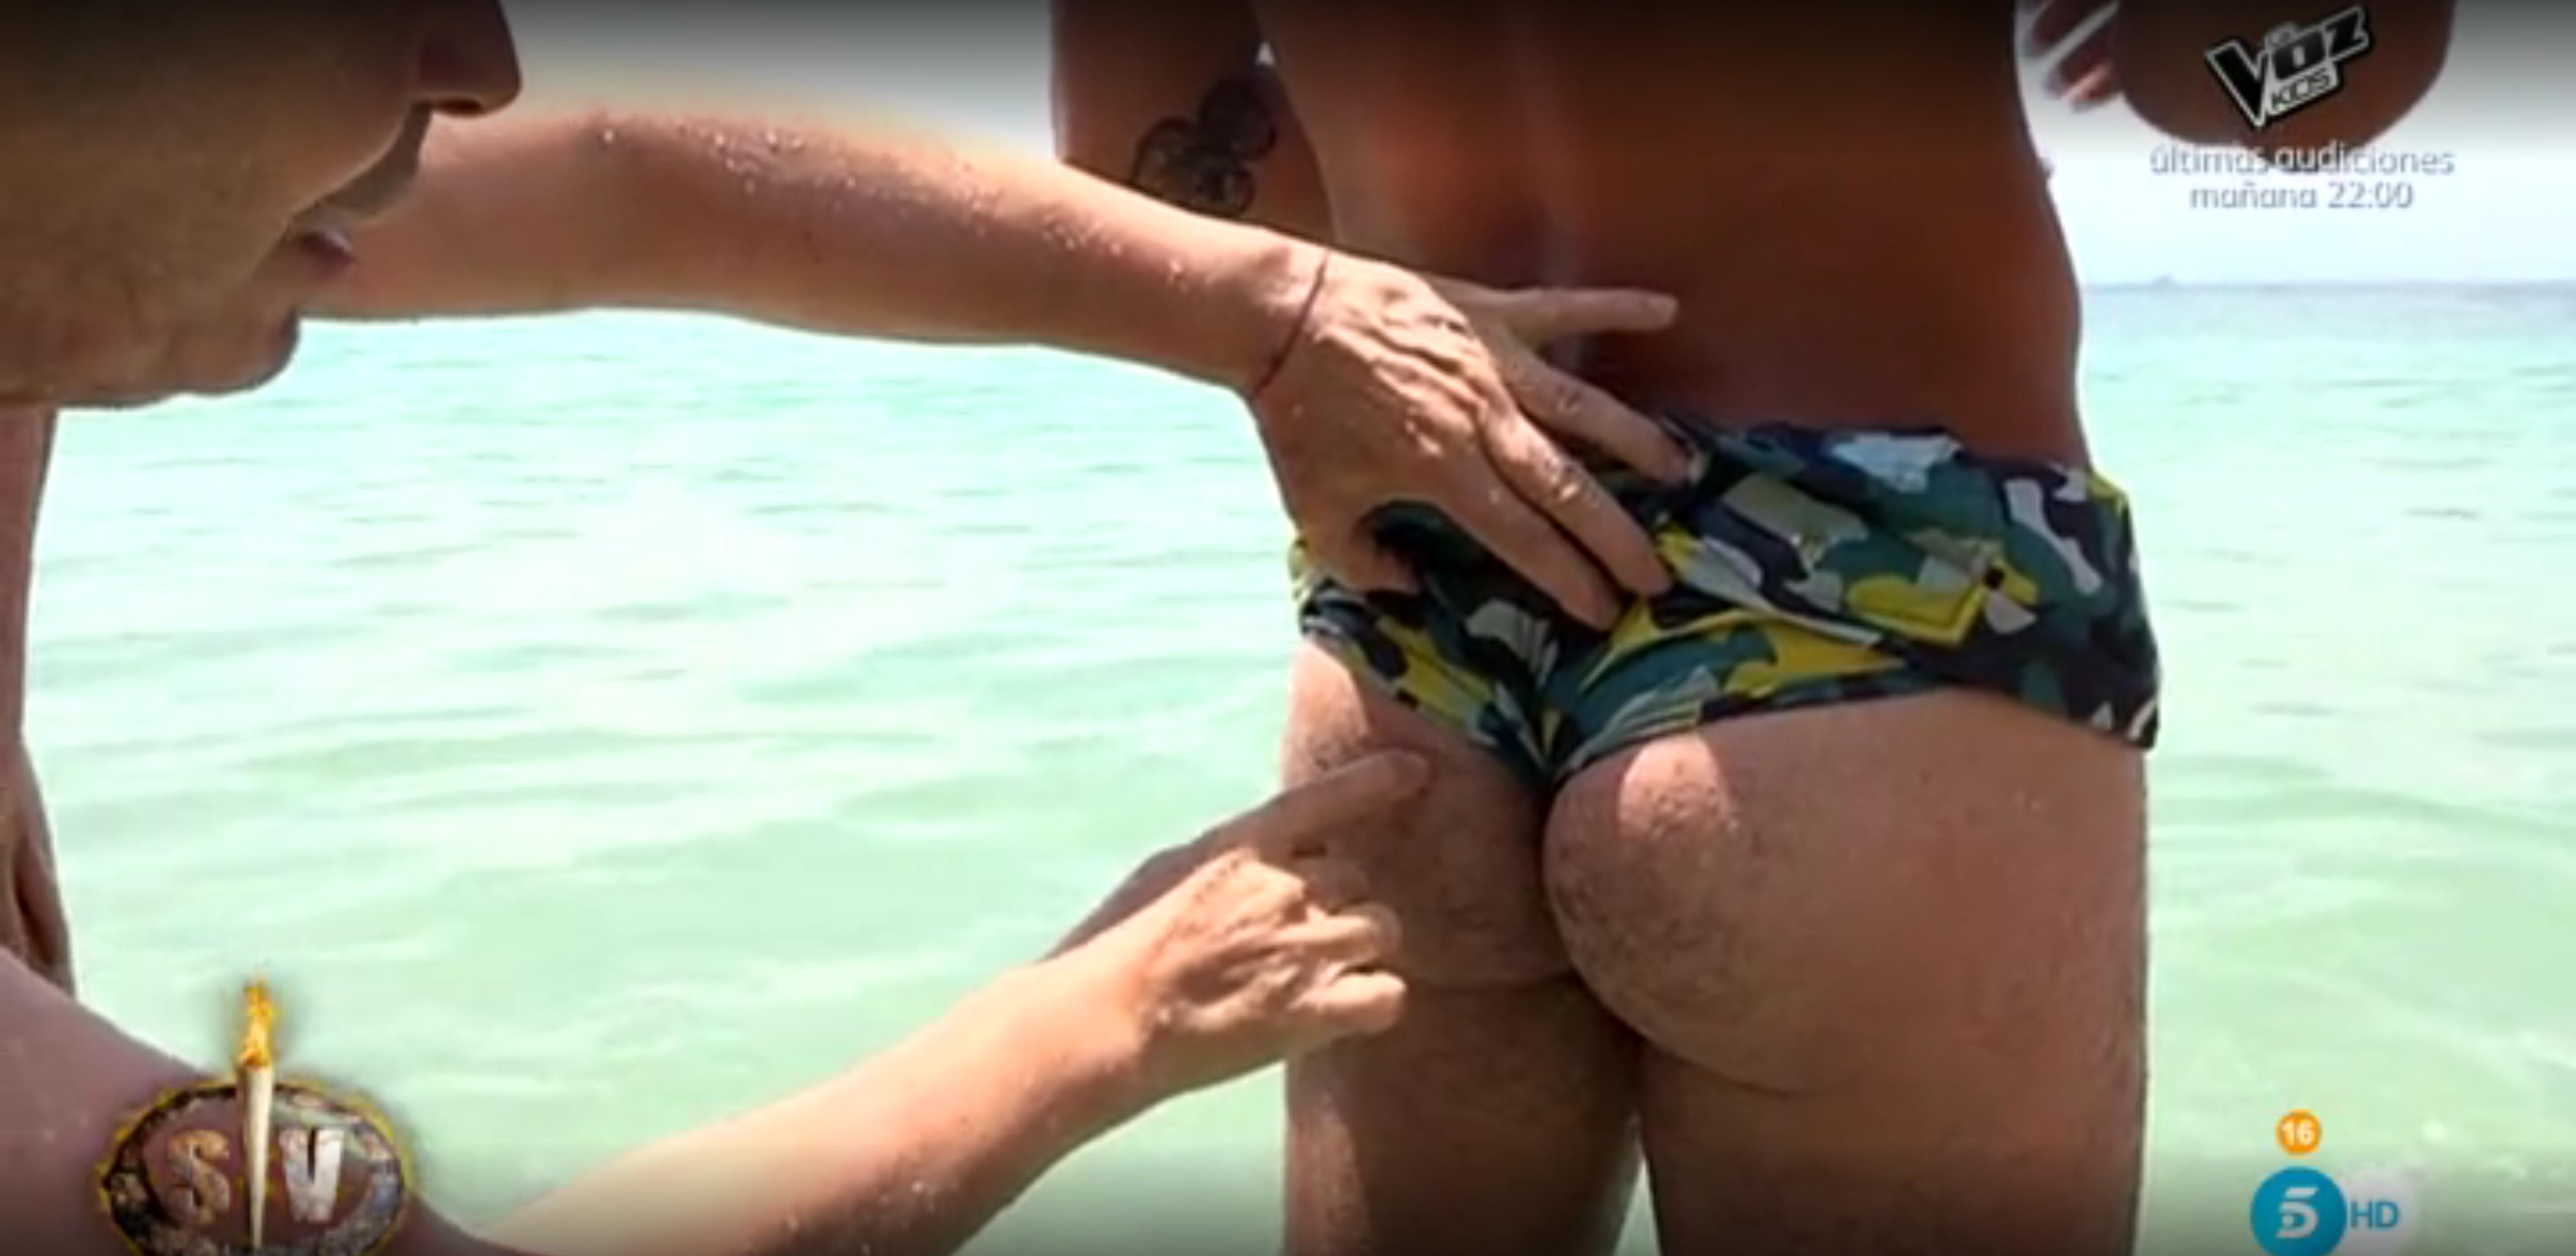 Actor Porno Gay De Supervivientes el maestro joao lee el futuro tocando los culos de los